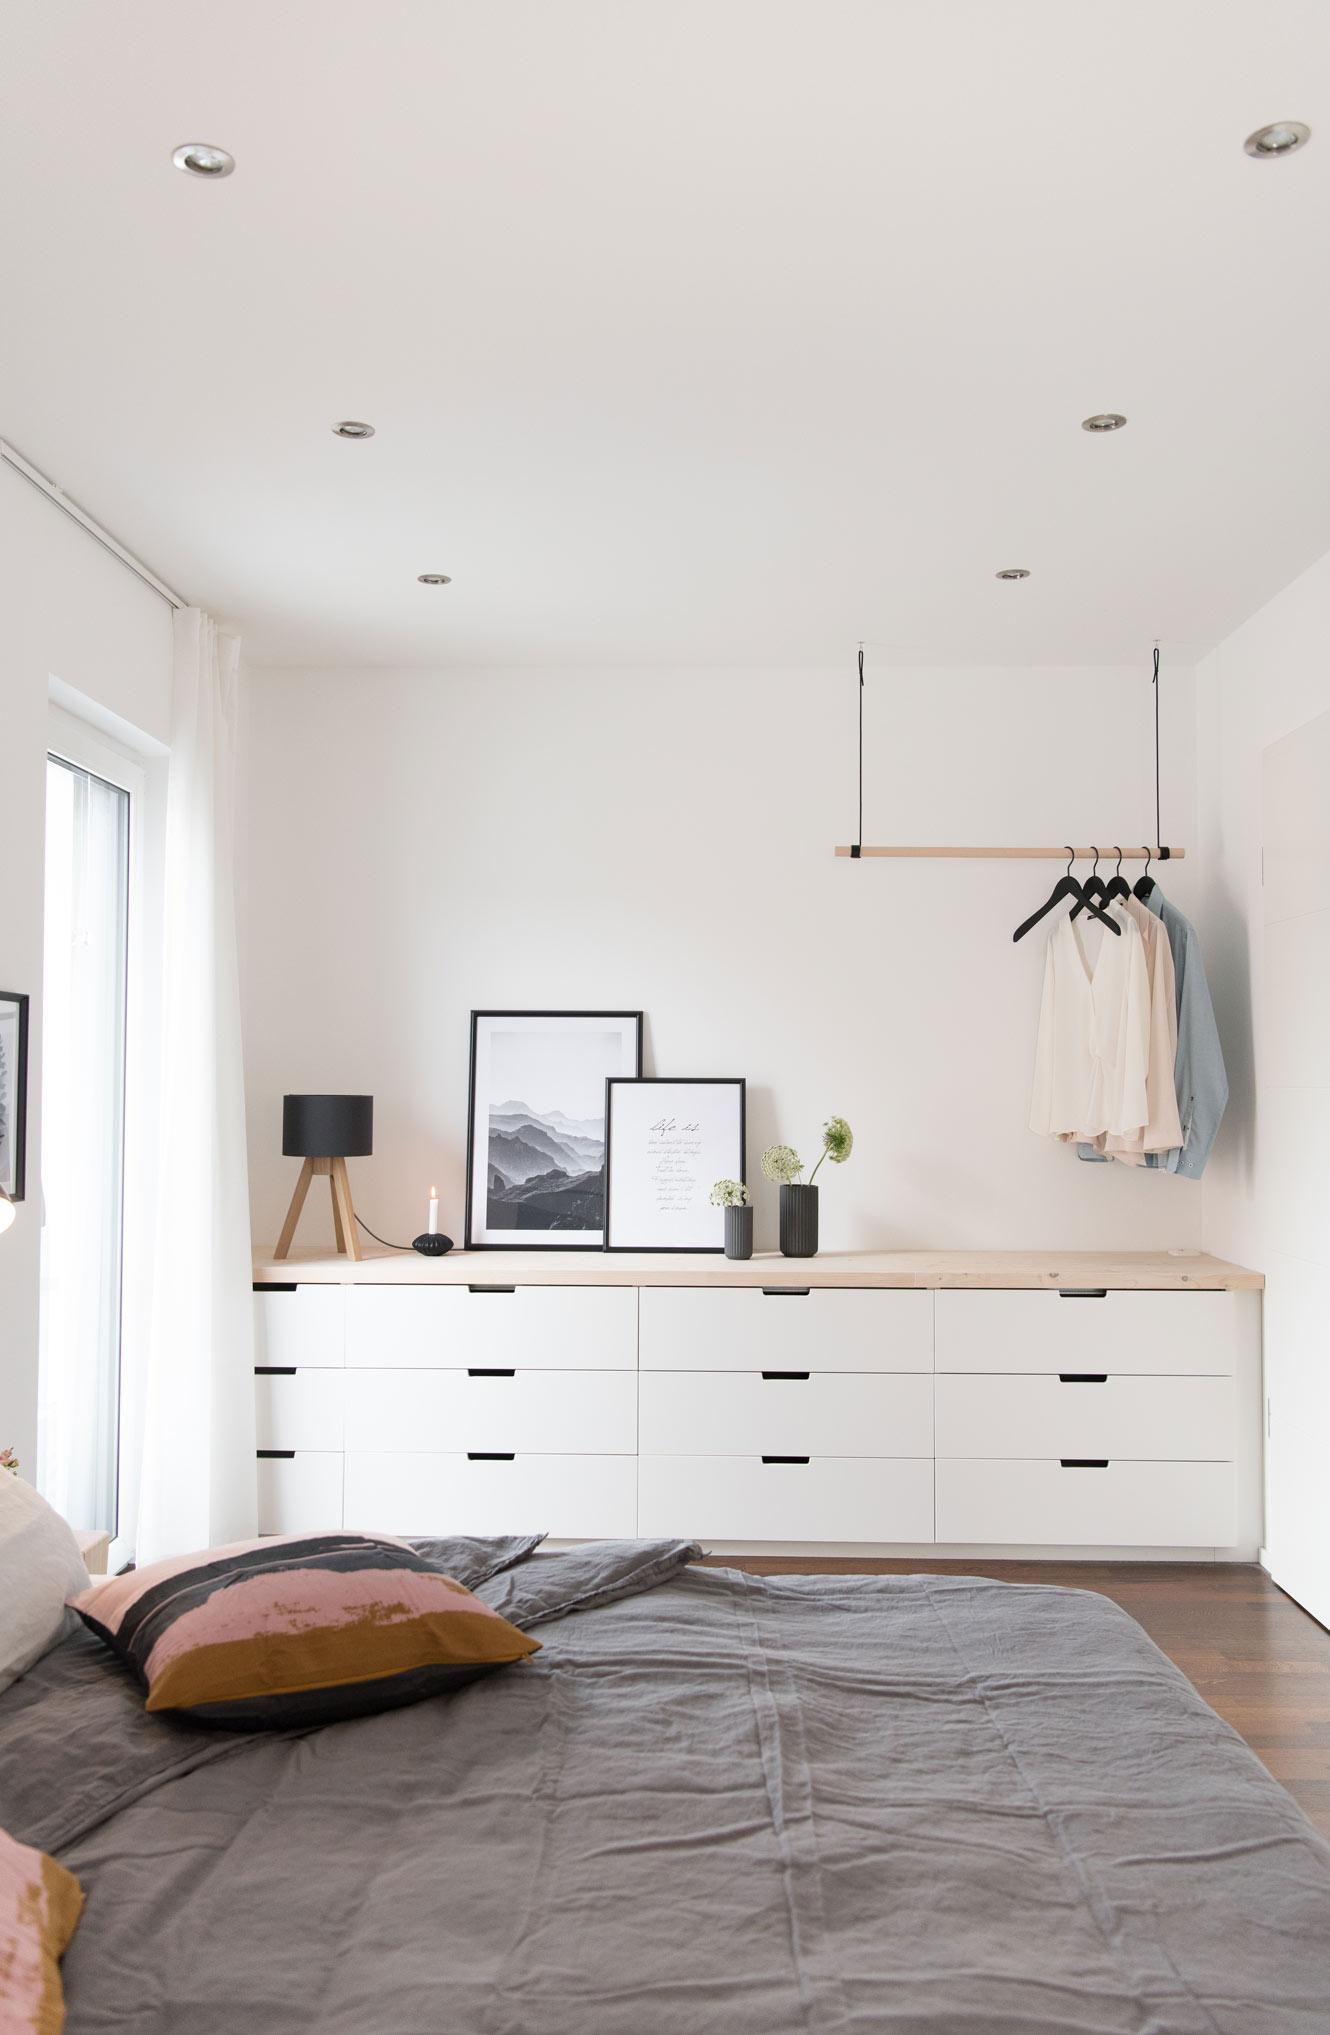 Ikea Nordli im Schlafzimmer